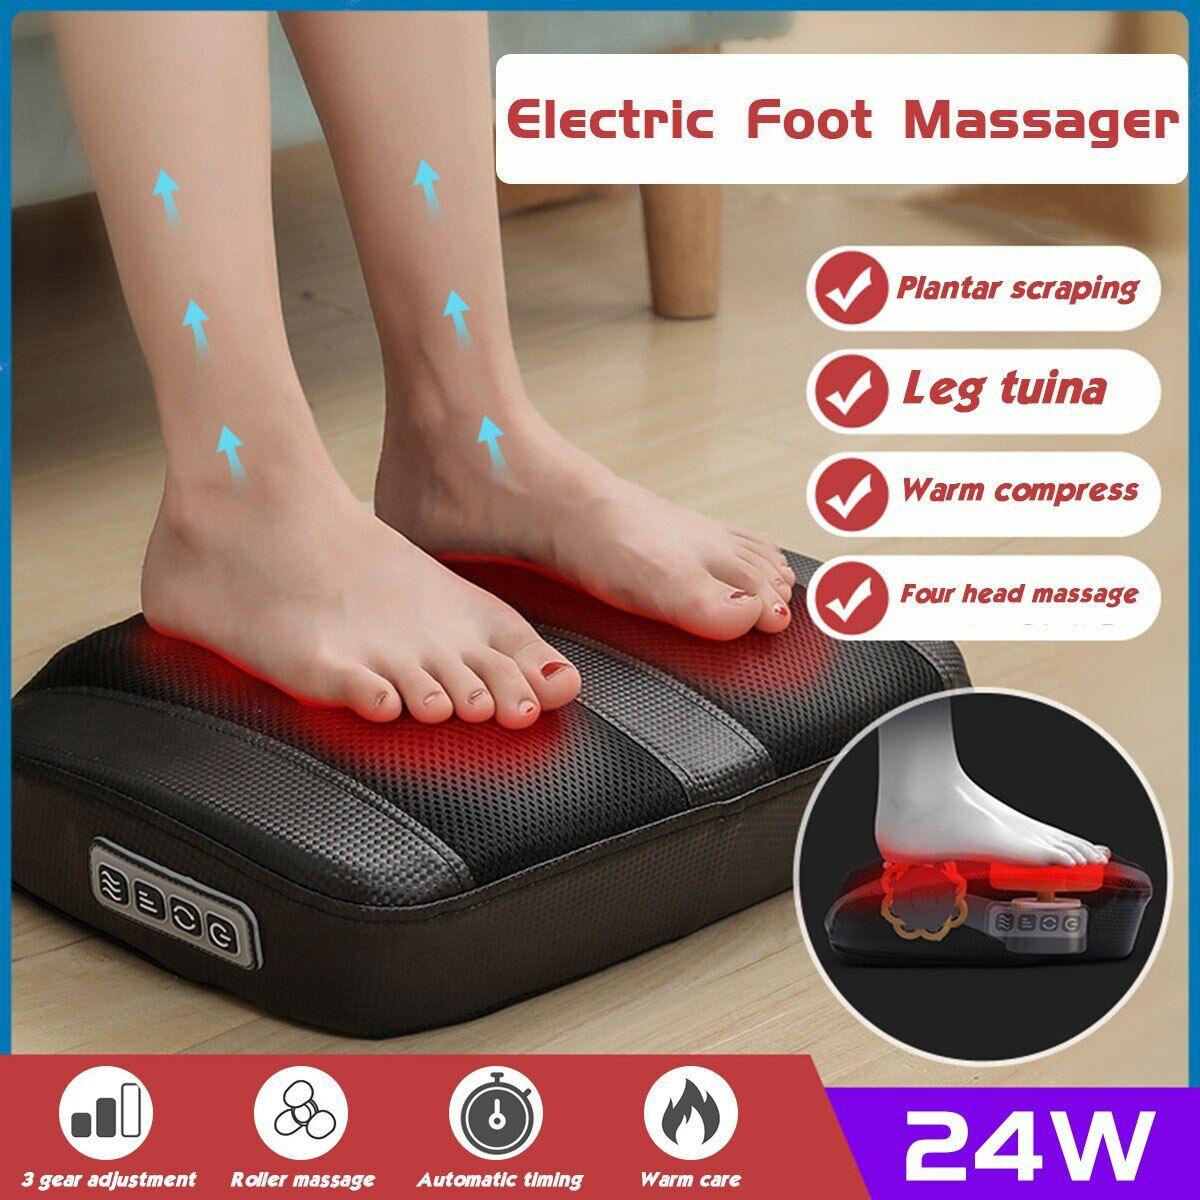 AliExpress Masseur électrique pour les pieds Shiatsu, appareil de Massage à infrarouge avec rouleau chauffant,